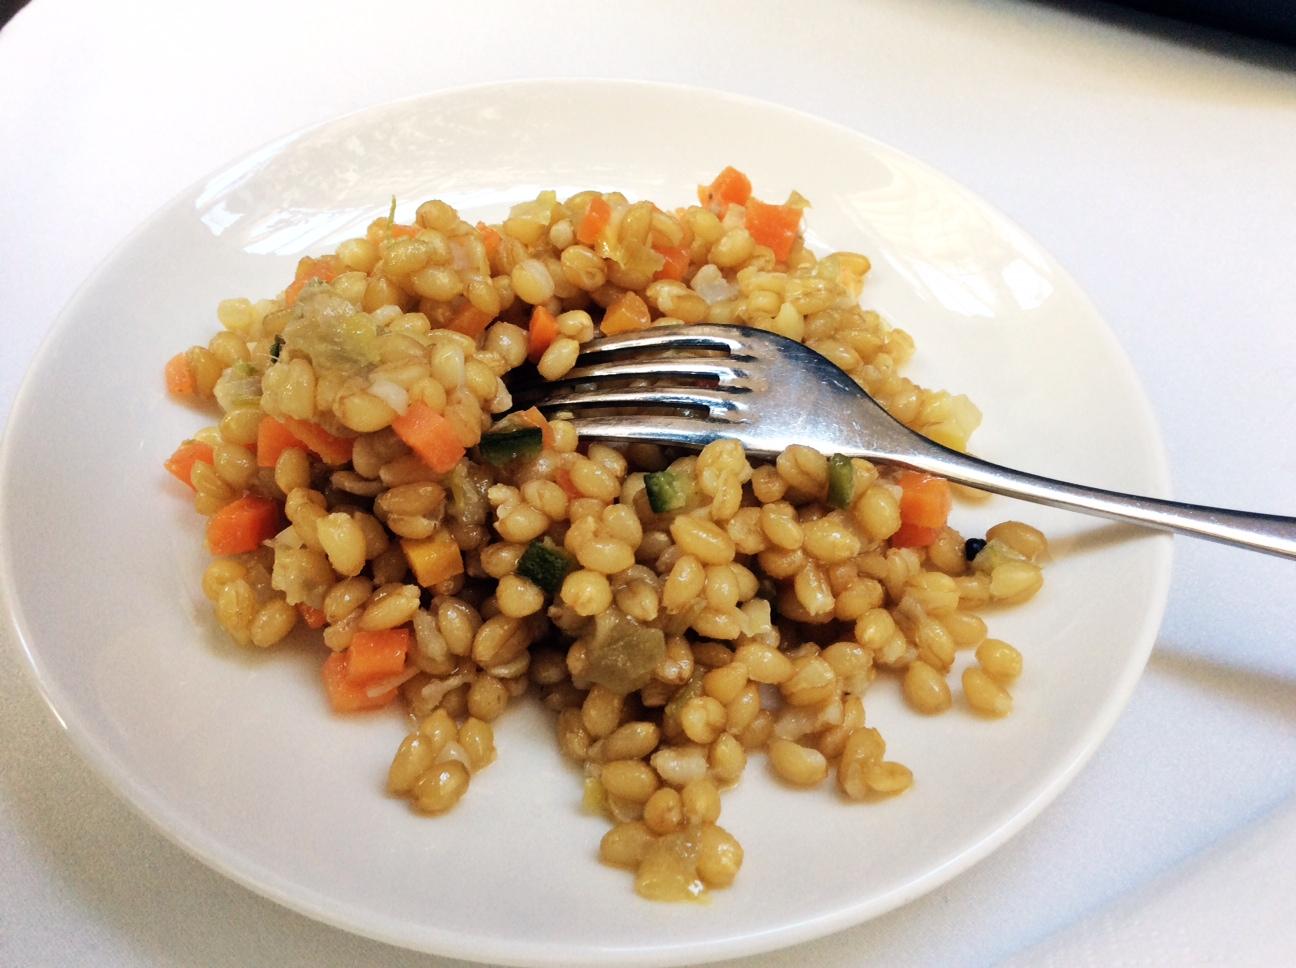 Foto di un piatto bianco con insalata di grano